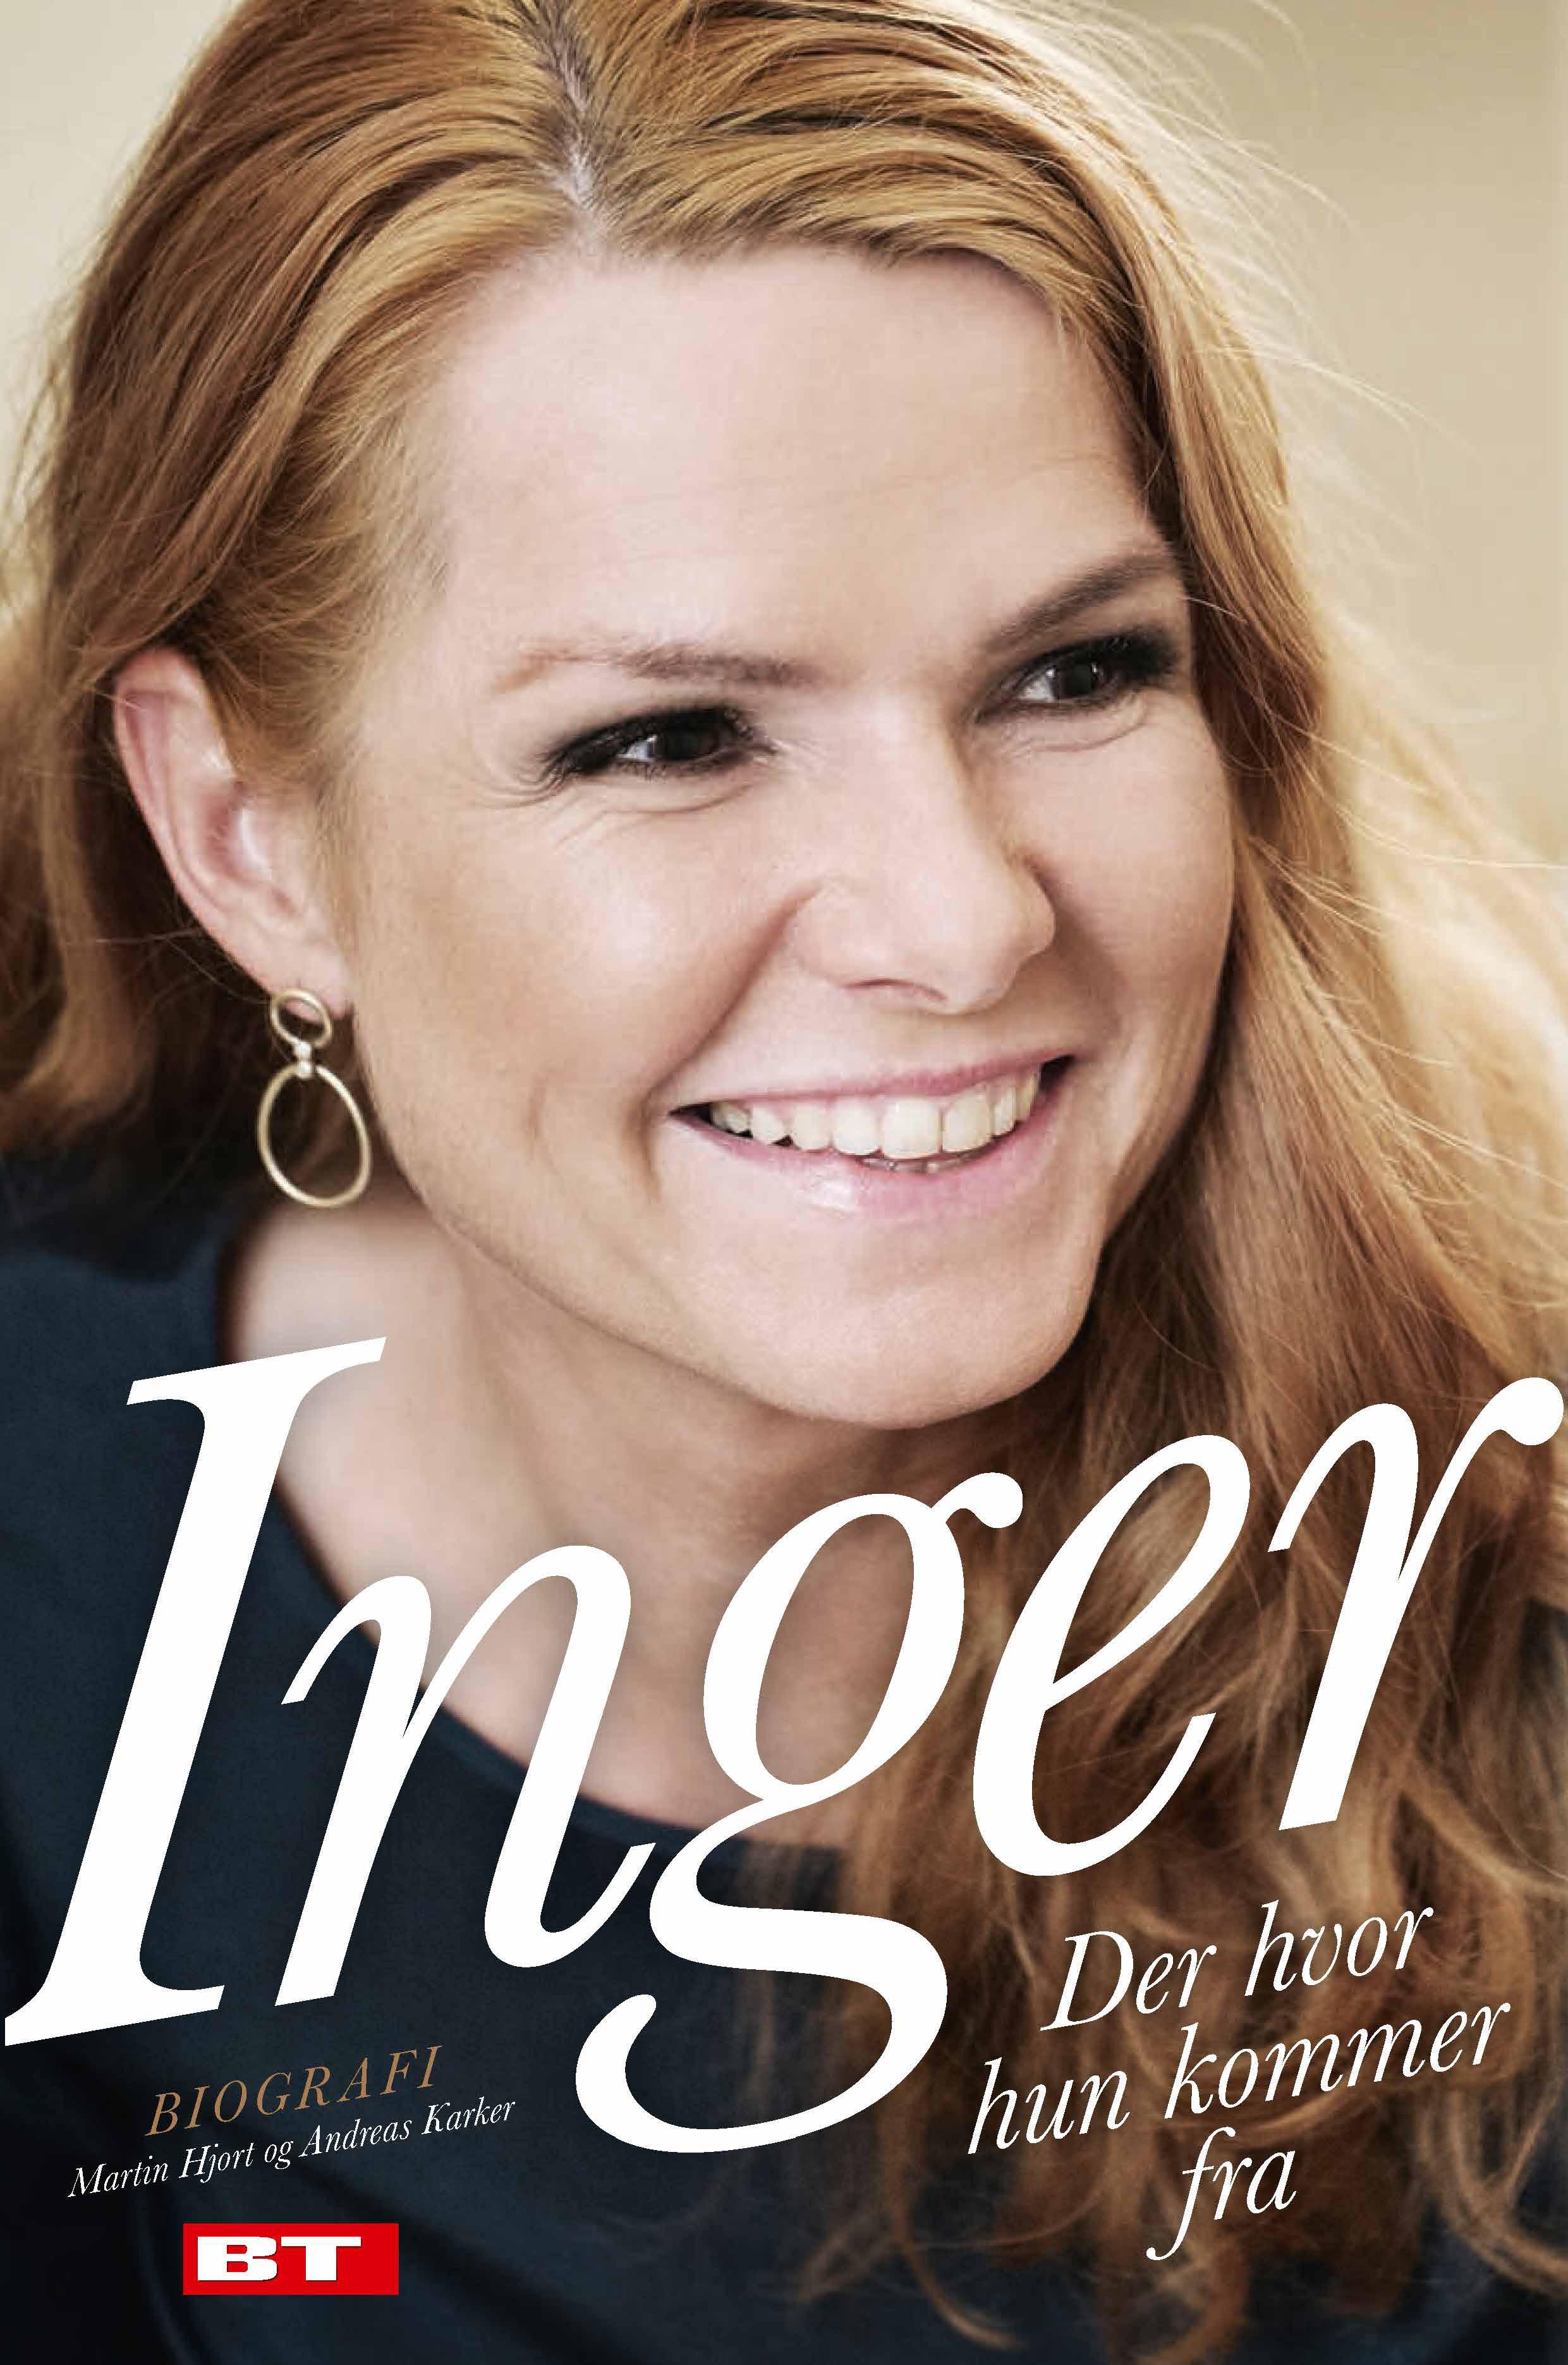 Inger - Der hvor hun kommer fra af Andreas Karker og Martin Hjort - 9788771802146